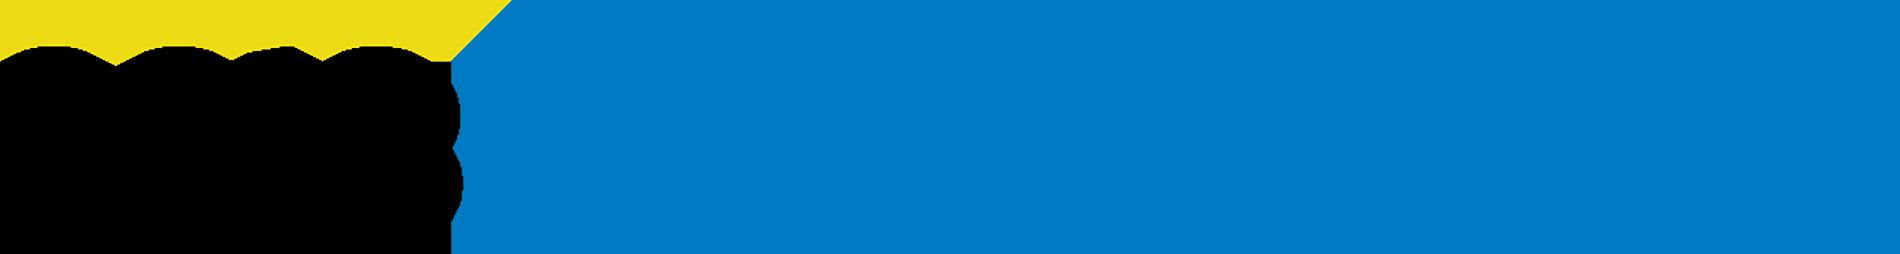 2018-ir-logo